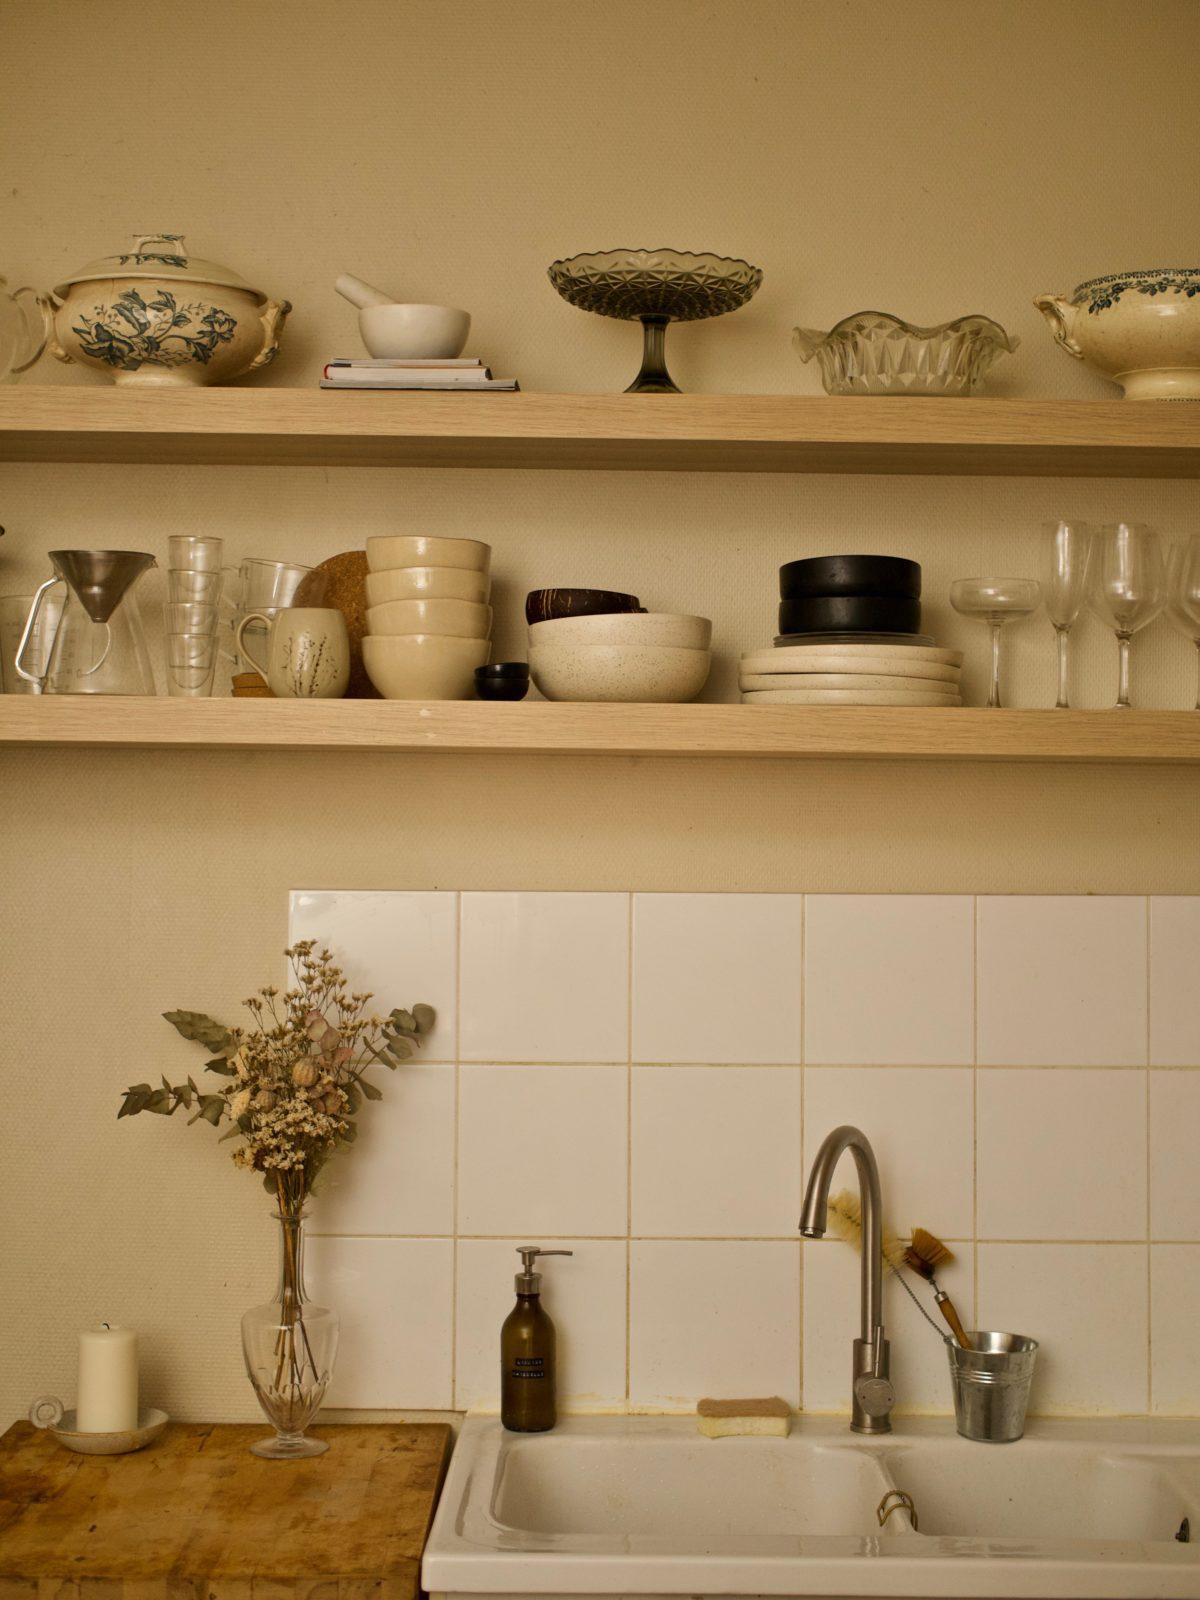 Comment avoir une cuisine slow et minimaliste ?